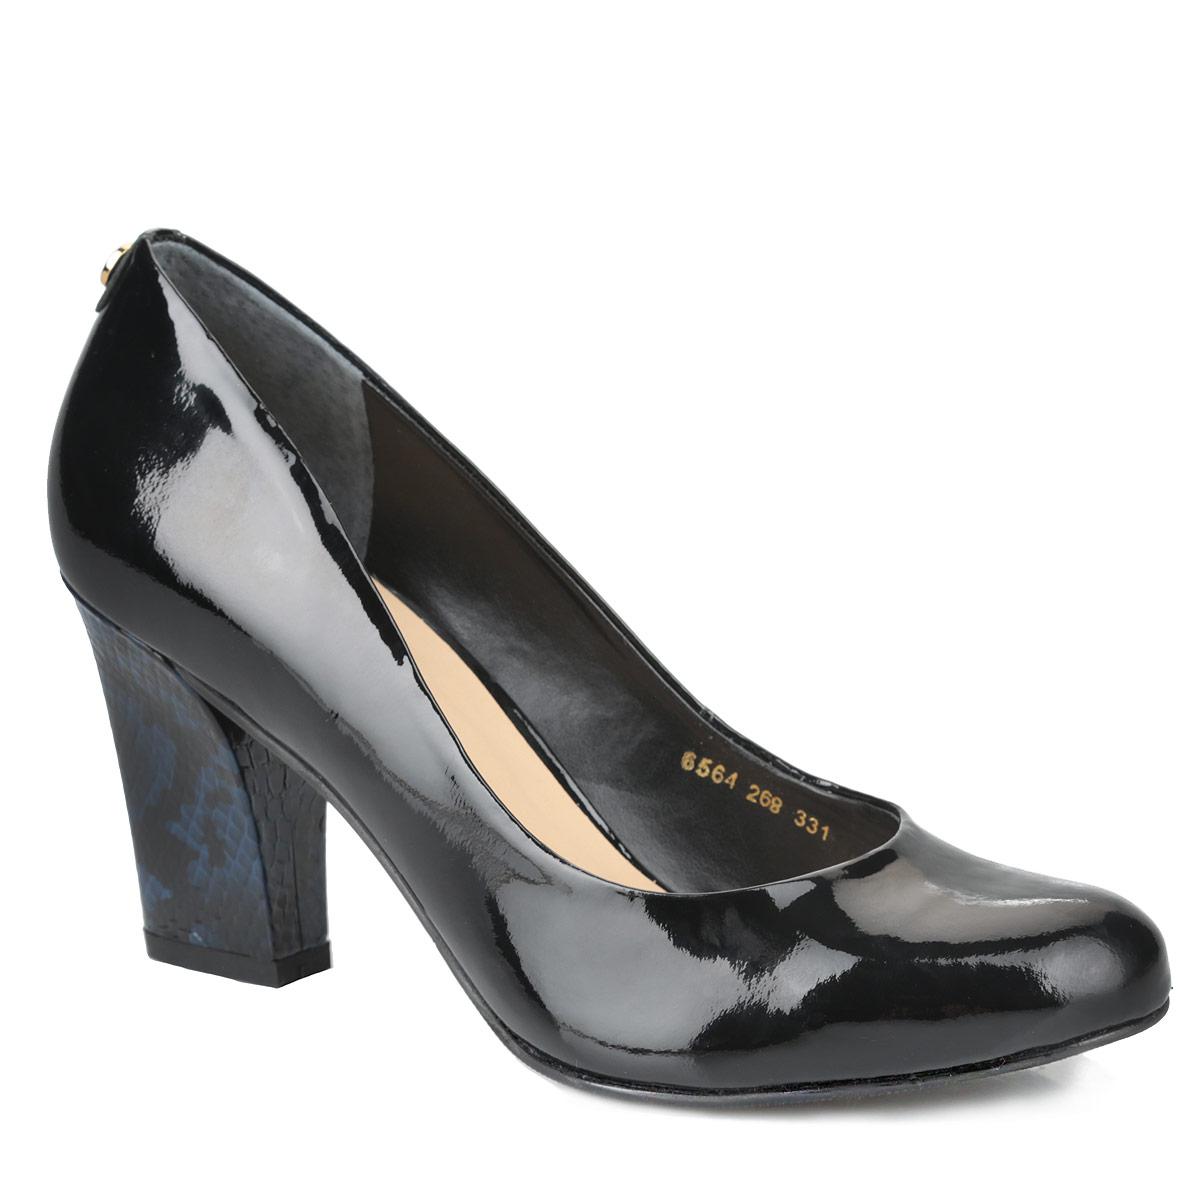 Туфли женские. 6564-268-3316564-268-331Стильные женские туфли от Indiana займут достойное место в вашем гардеробе. Модель выполнена из натуральной лакированной кожи. Задник оформлен круглой металлической пластиной с фирменной гравировкой. Закругленный носок смотрится невероятно женственно. Стелька из натуральной кожи позволит ногам дышать. Каблук оформлен узором, имитирующим змеиную чешую. Подошва оснащена противоскользящим рифлением. Изысканные туфли добавят шика в модный образ и подчеркнут ваш безупречный вкус.